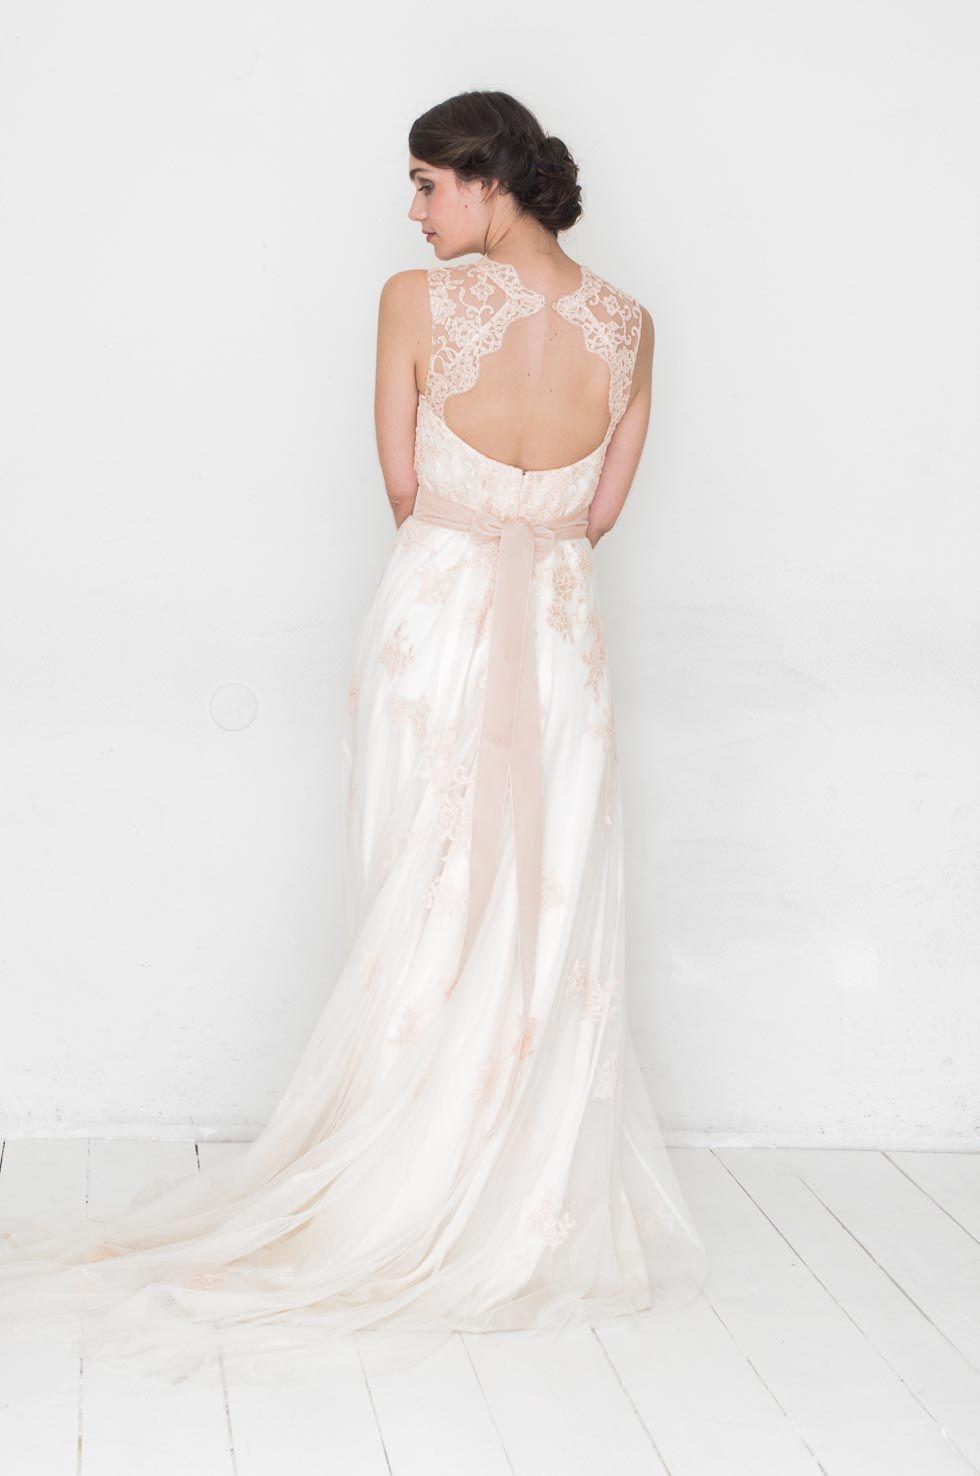 elfenkleid  Hochzeitskleid, Brautkleid, Elfenkleid